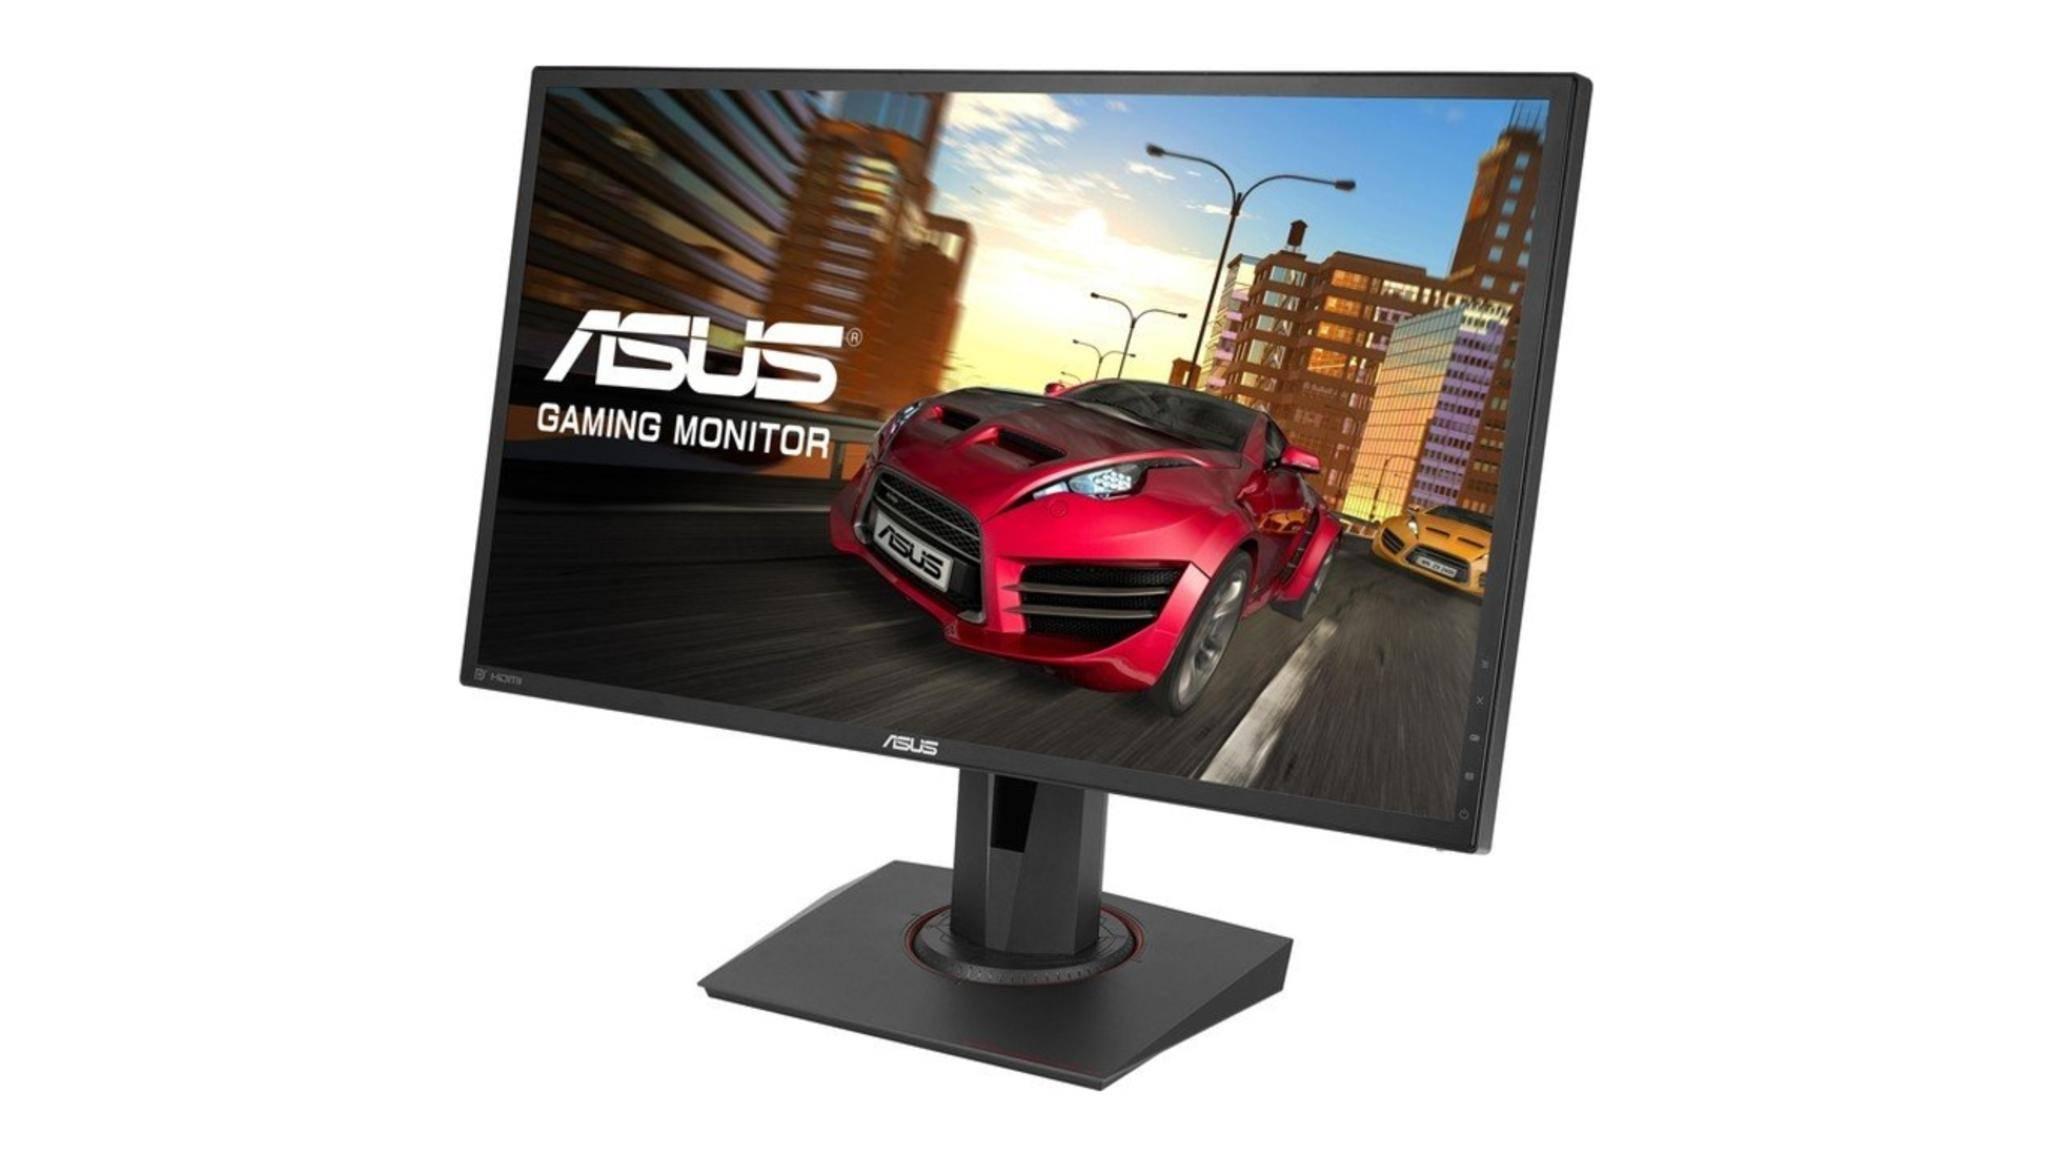 Asus-MG248W-Monitor-Gaming